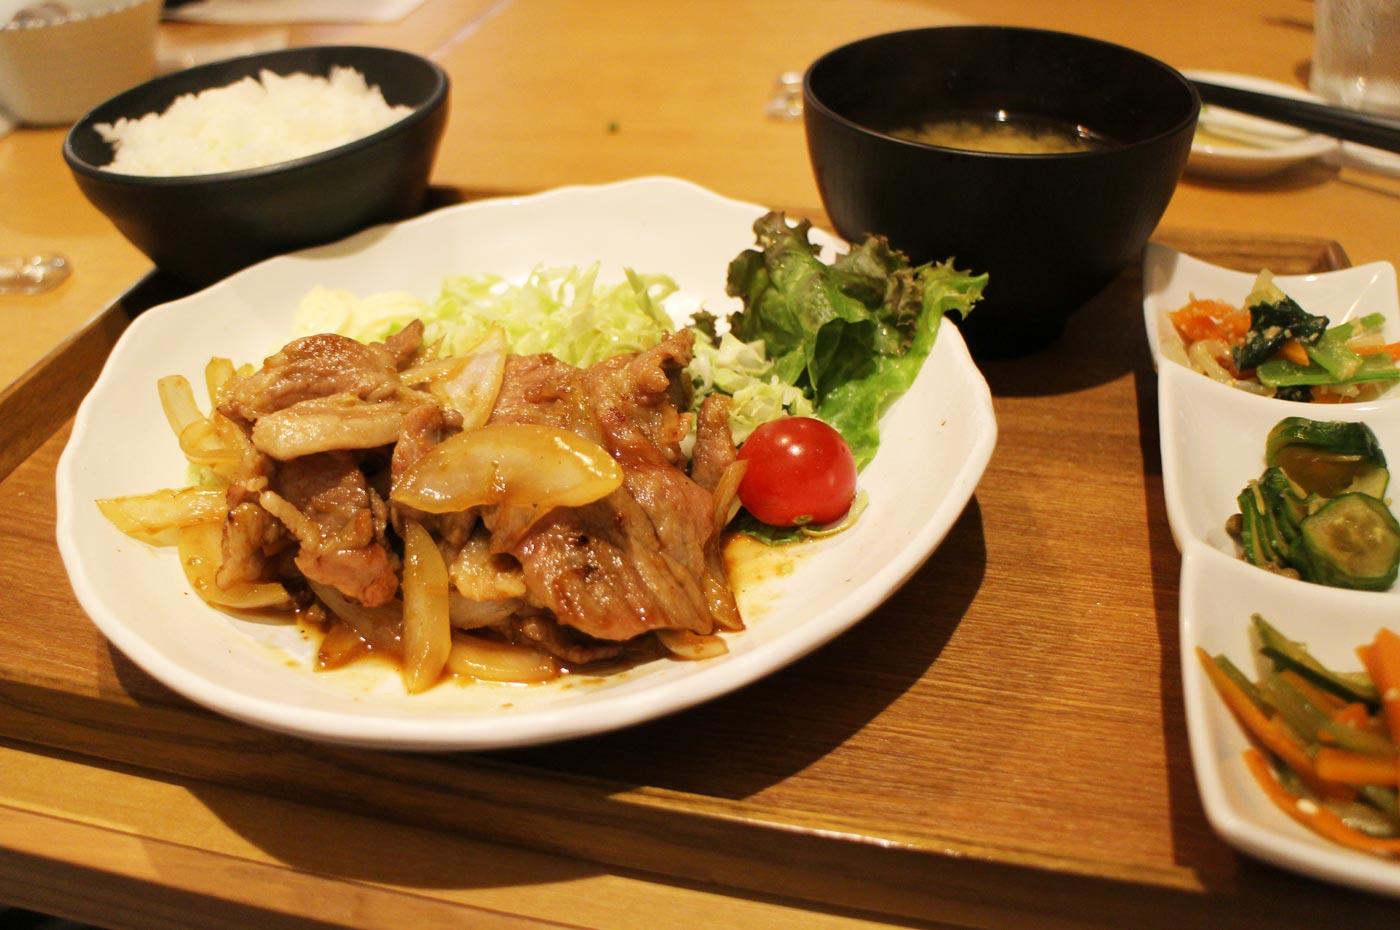 ICHIEMONの焼肉定食